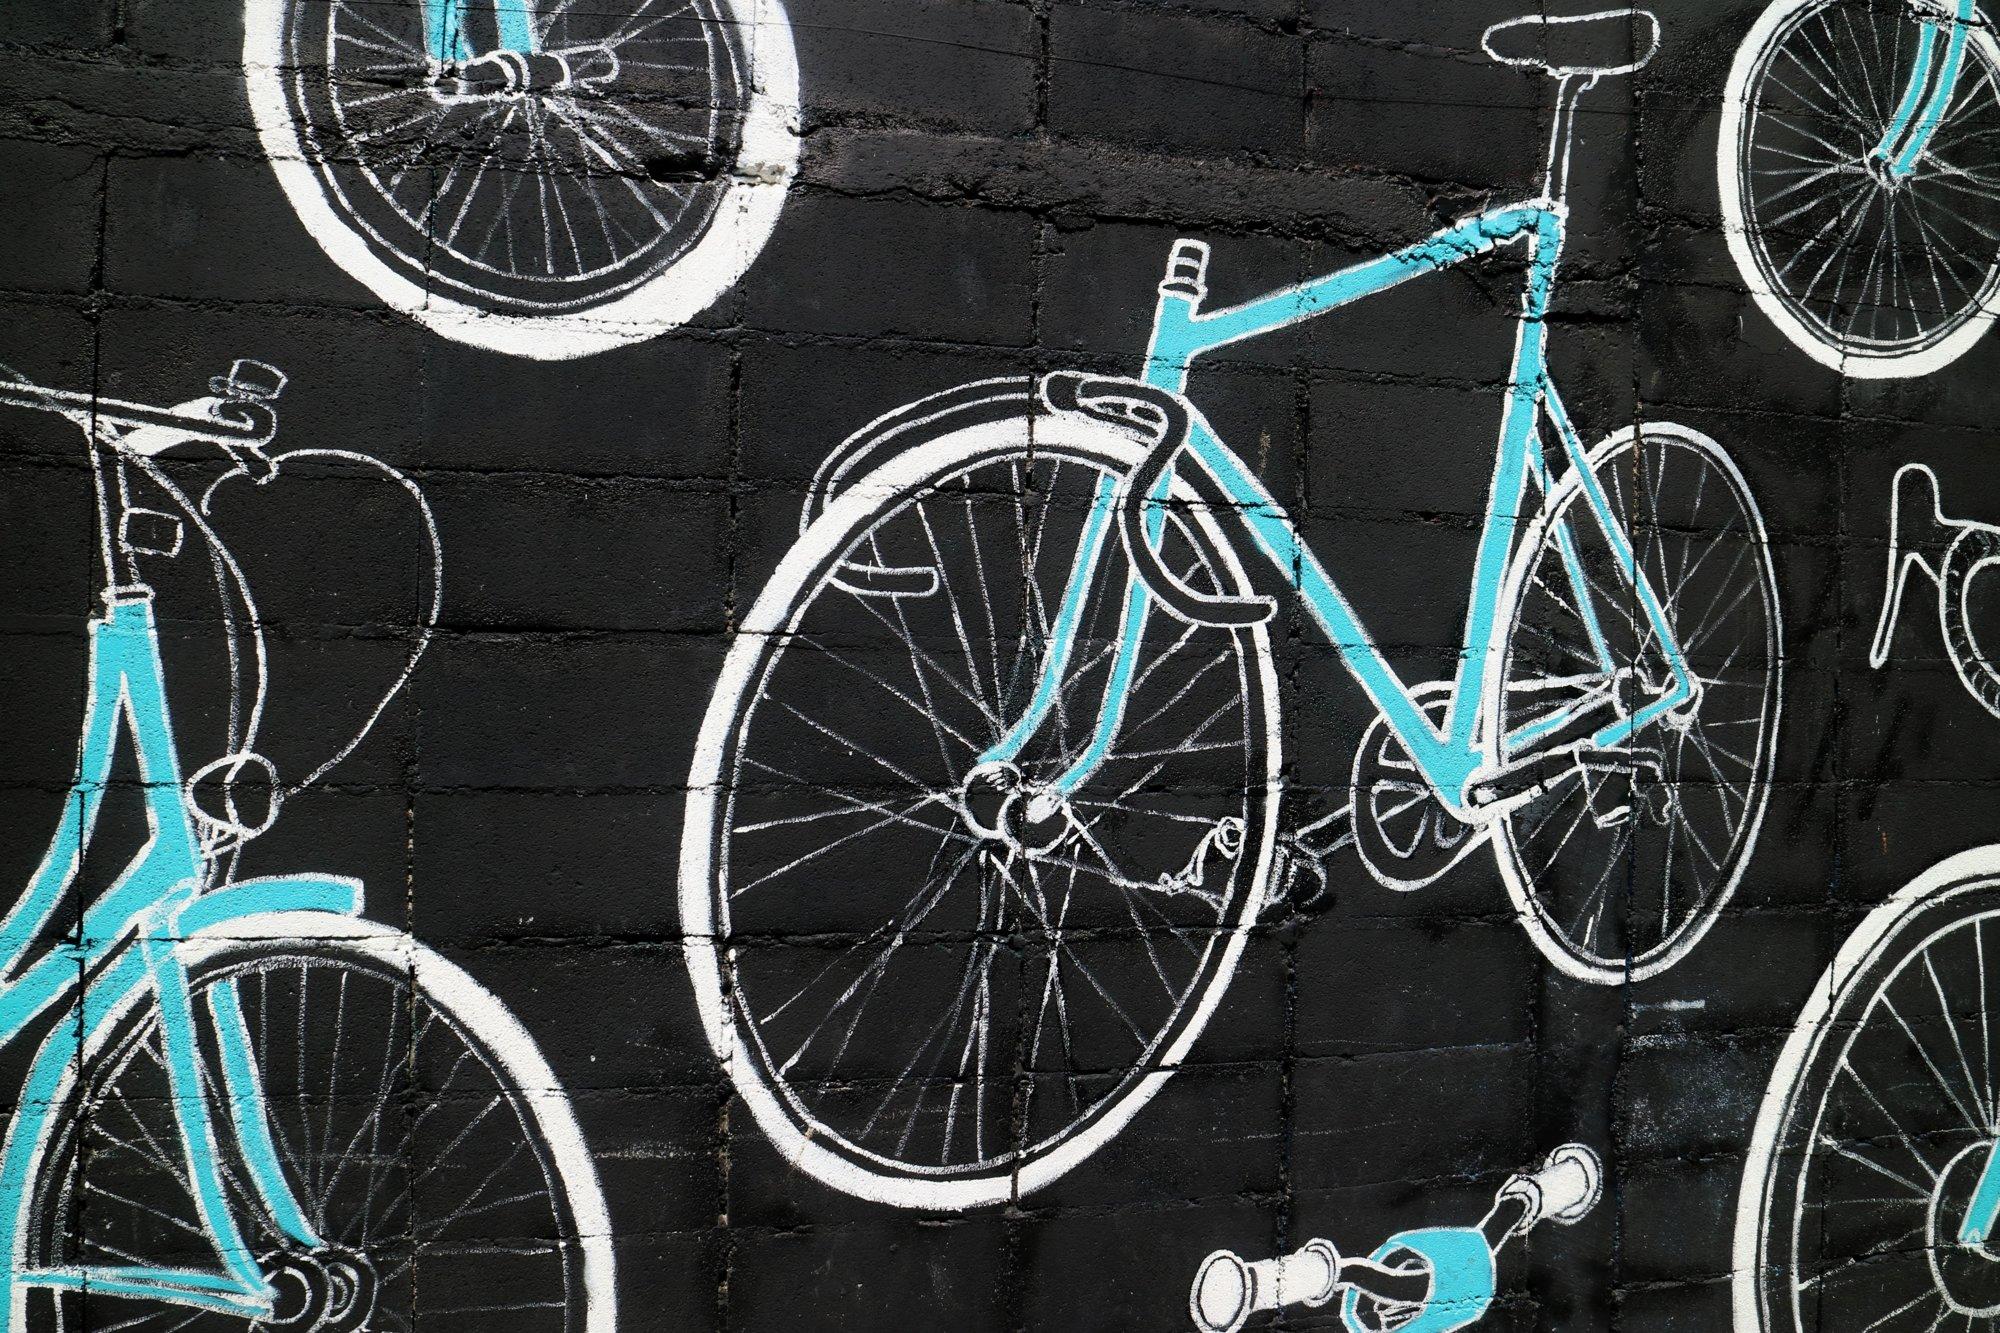 Завітай на справжню велотусовку у Львові